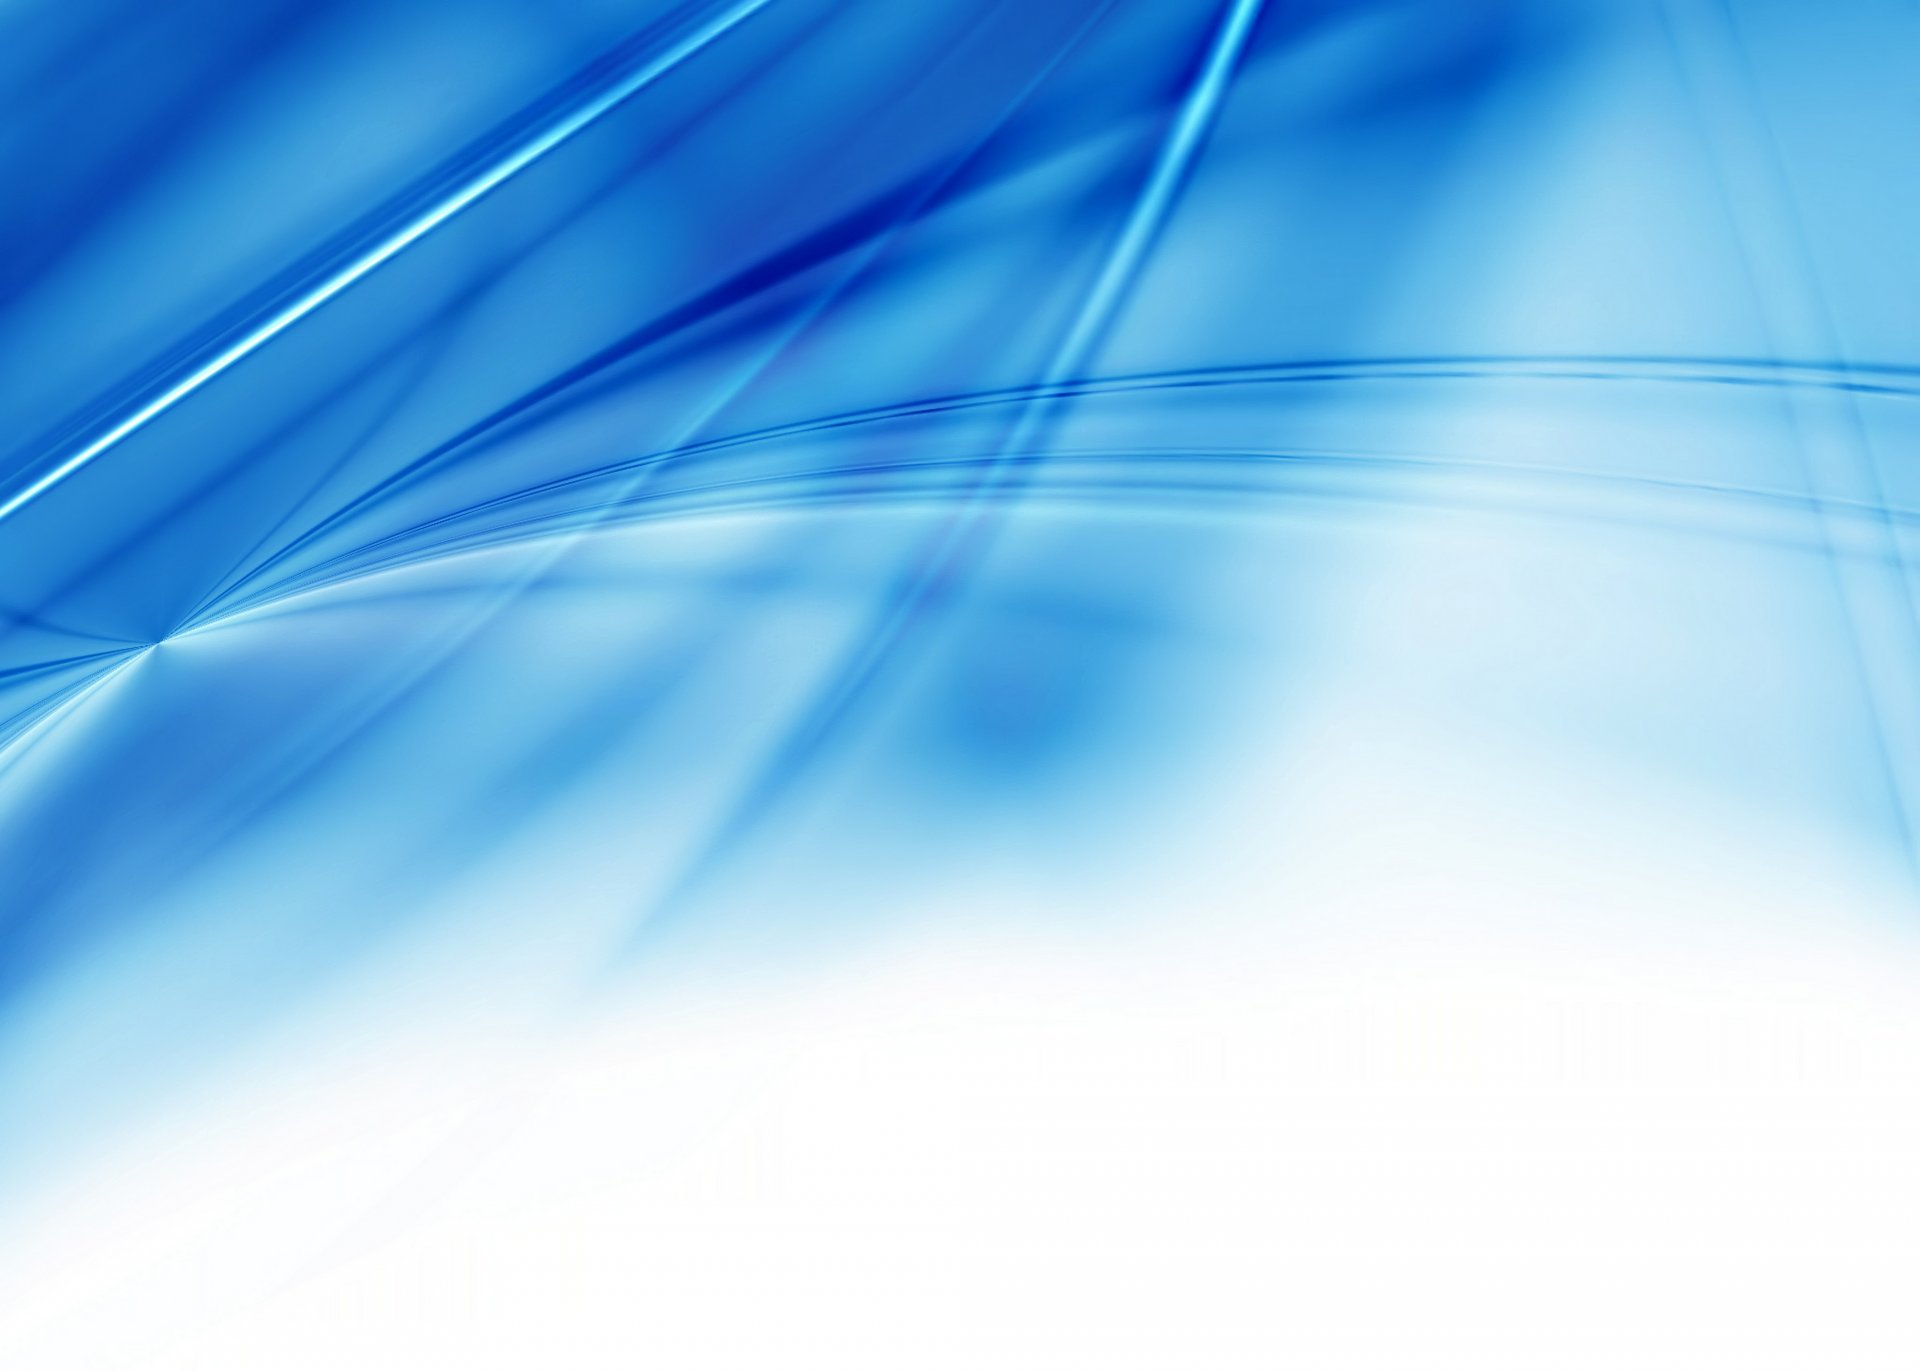 абстракция голубой фон HD обои для ноутбука